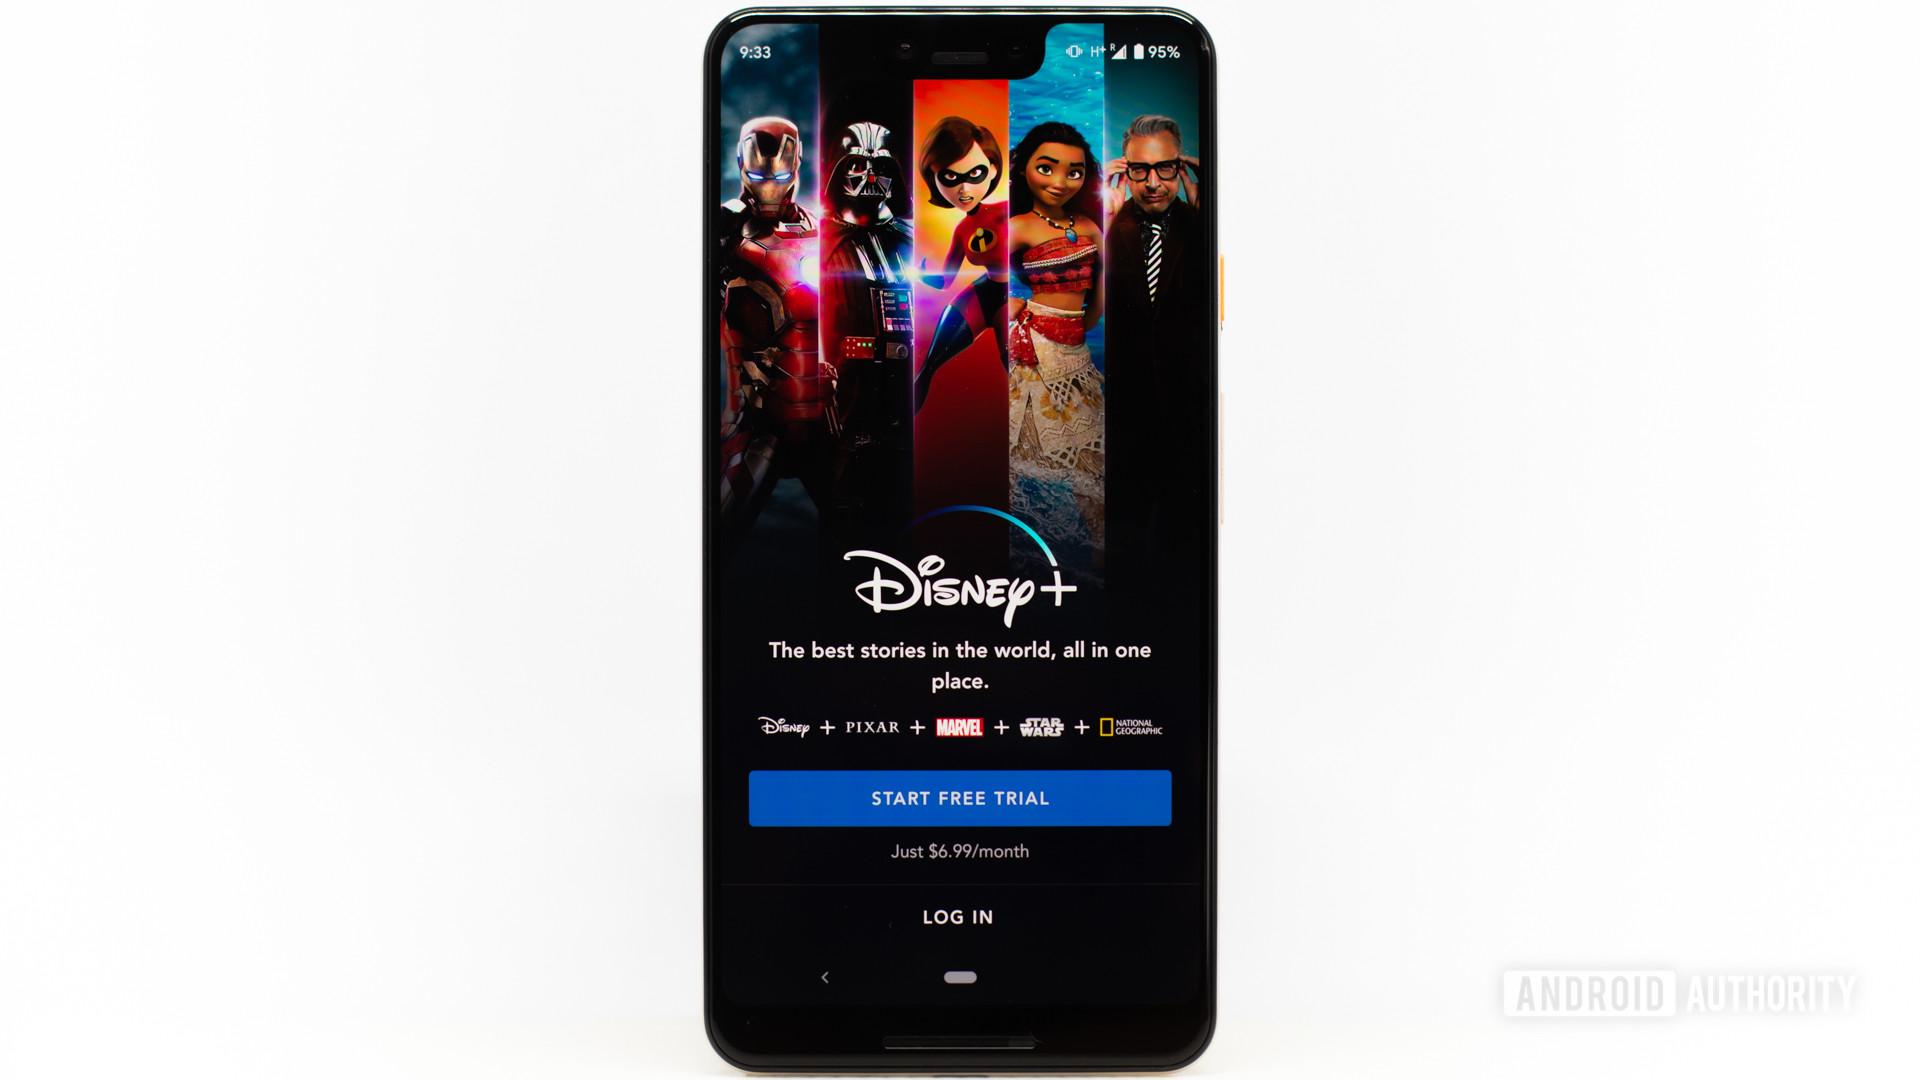 Disney Plus main screen 3